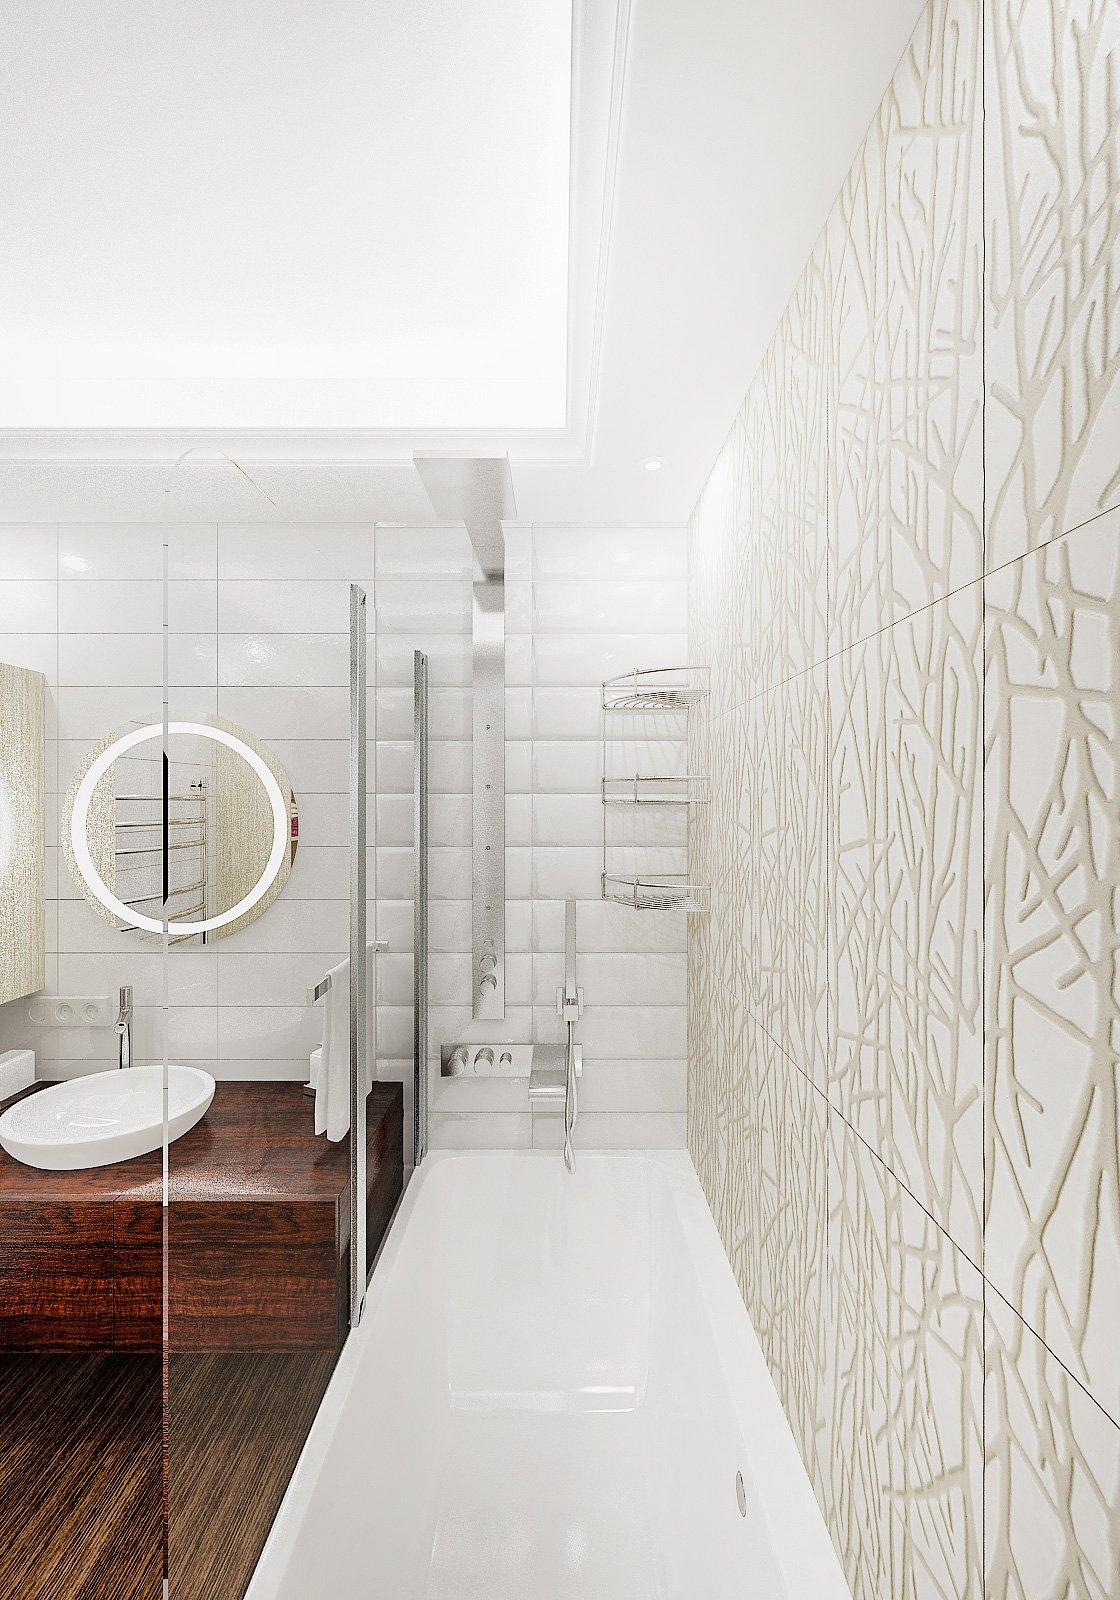 Круглое зеркало с подсветкой в ванной, круглый умывальник на тумбе, светлая ванная, плитка объемная, потолок с закарнизной подсветкой в ванной, Дизайн интерьера ванной в Гомеле 2